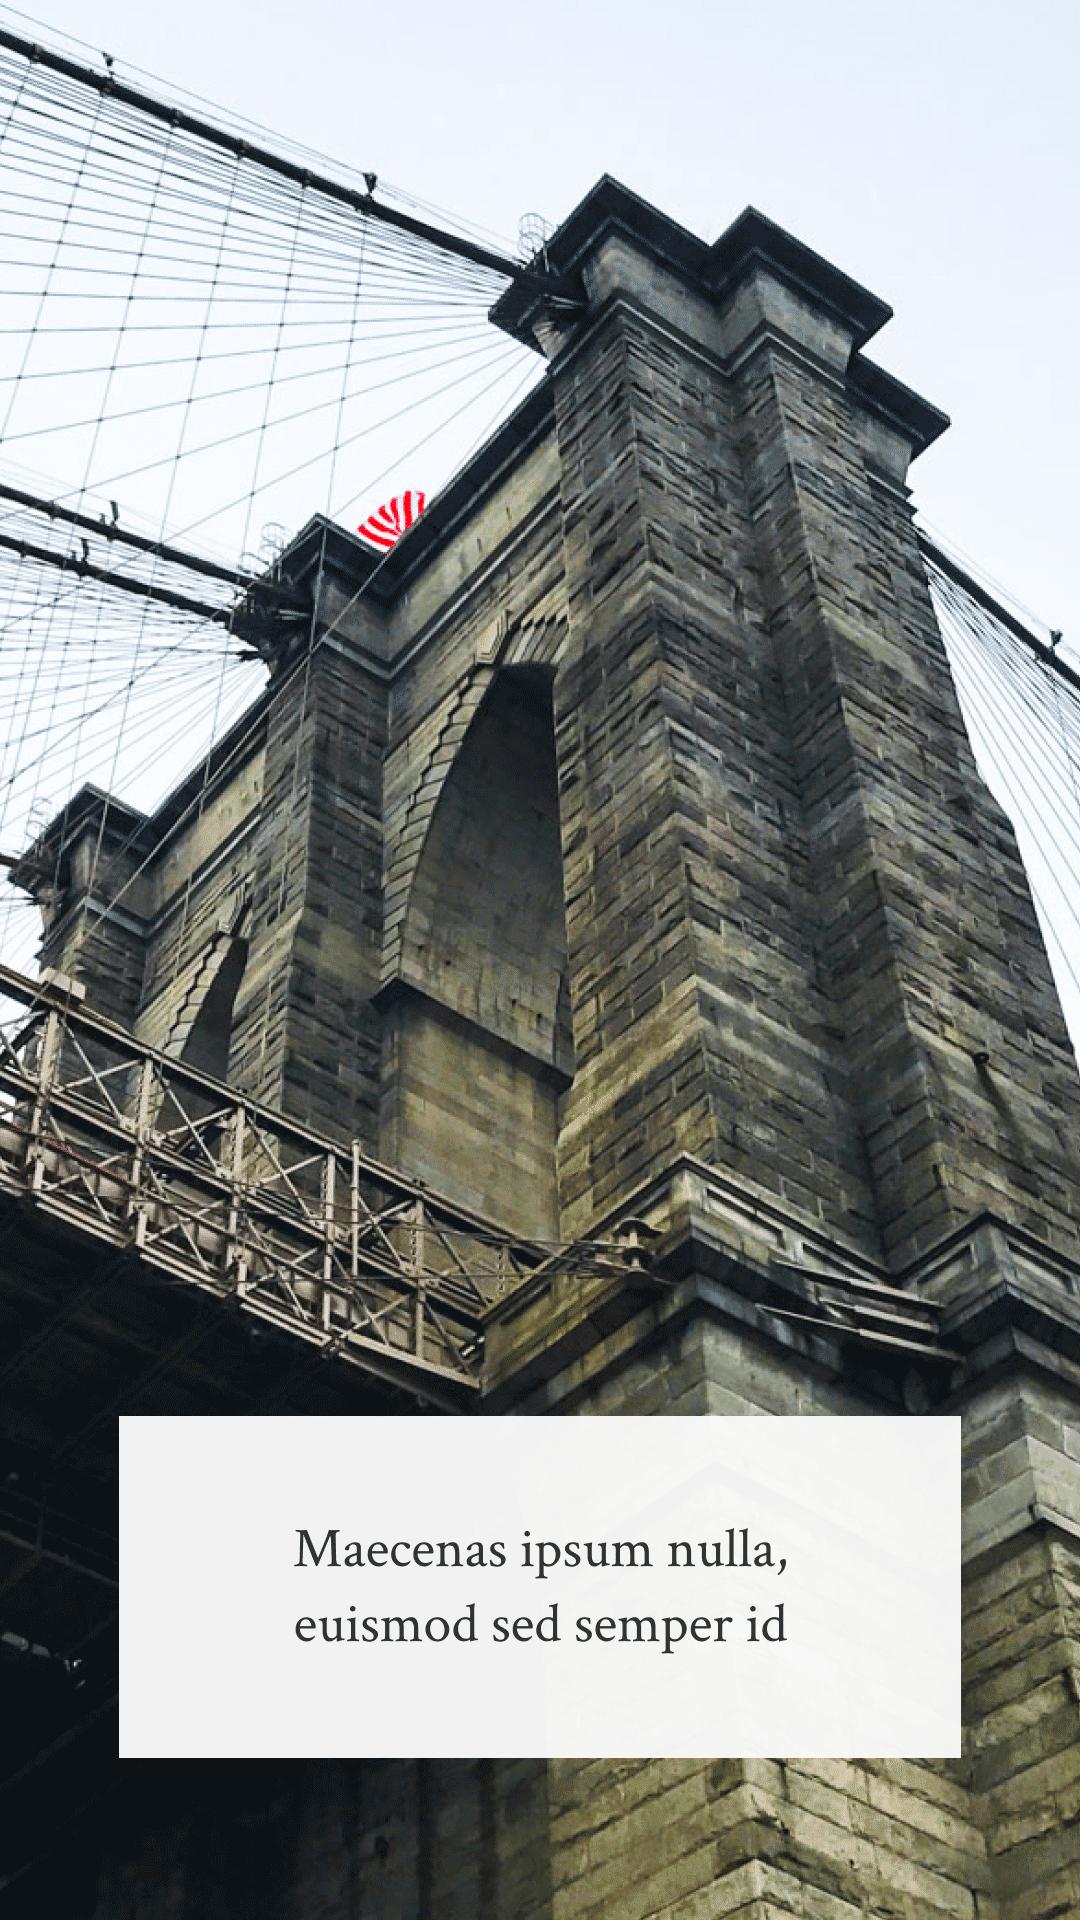 Bridge Background Photo with Text